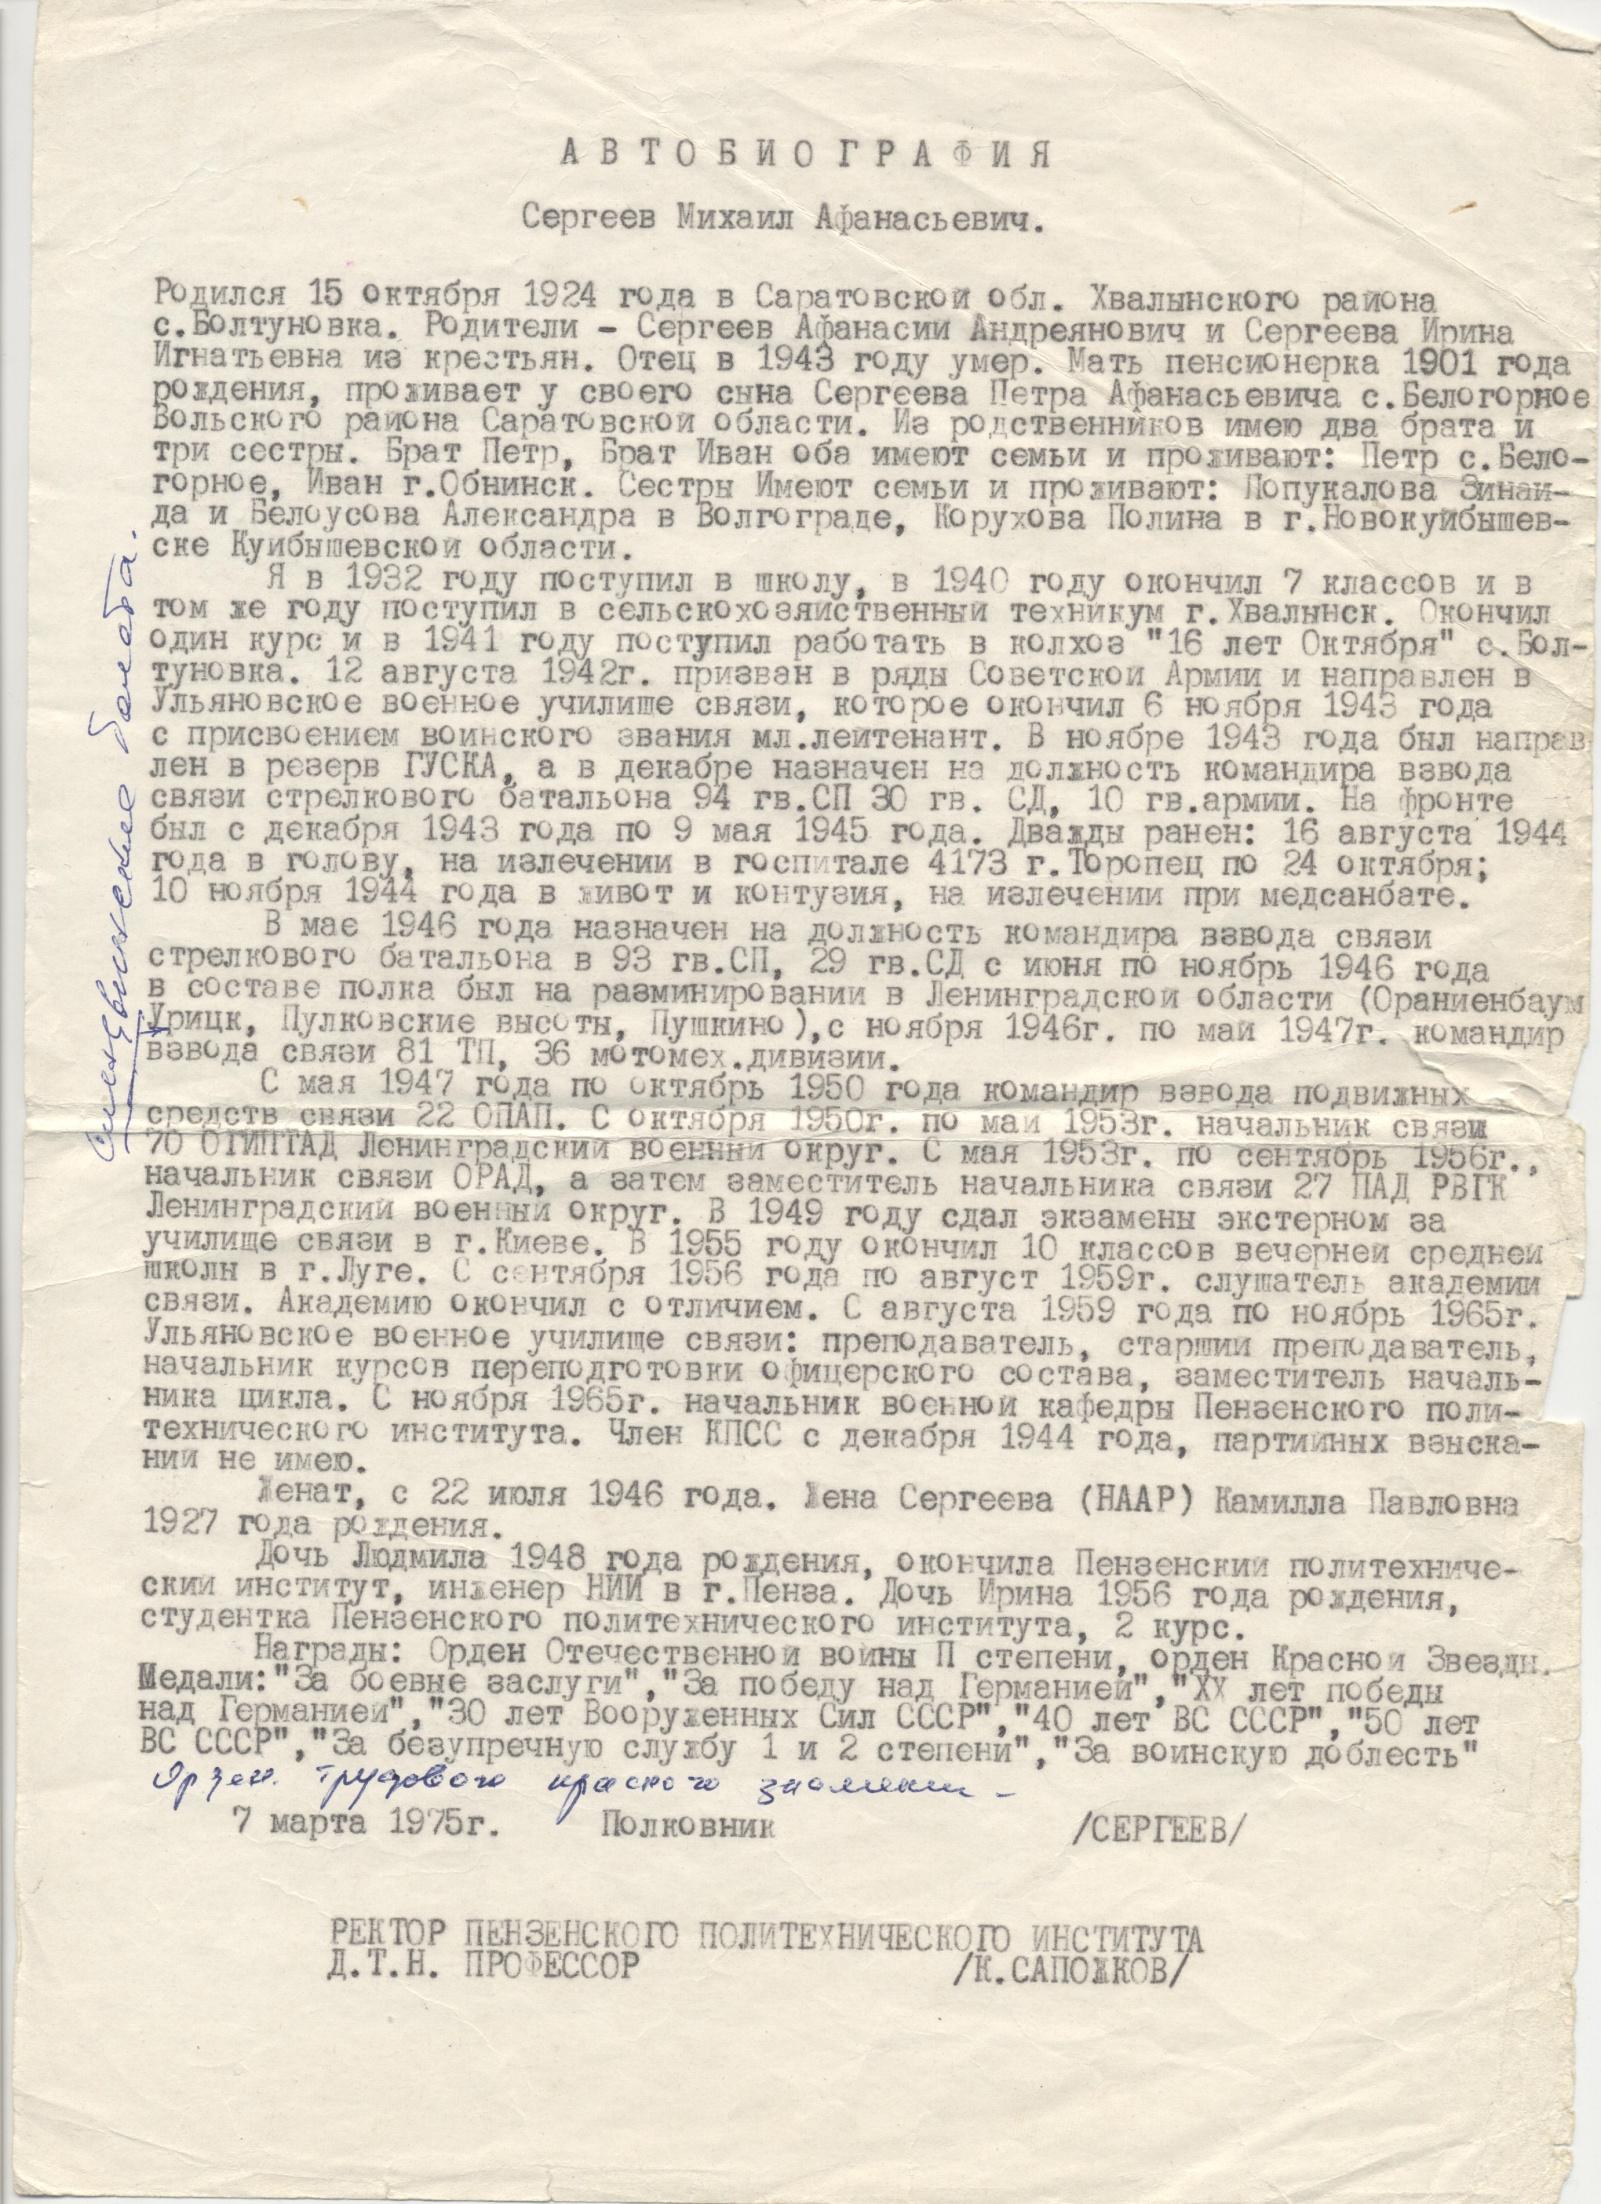 Сергеев М.А. Автобиография. Из архива Черновой Д.